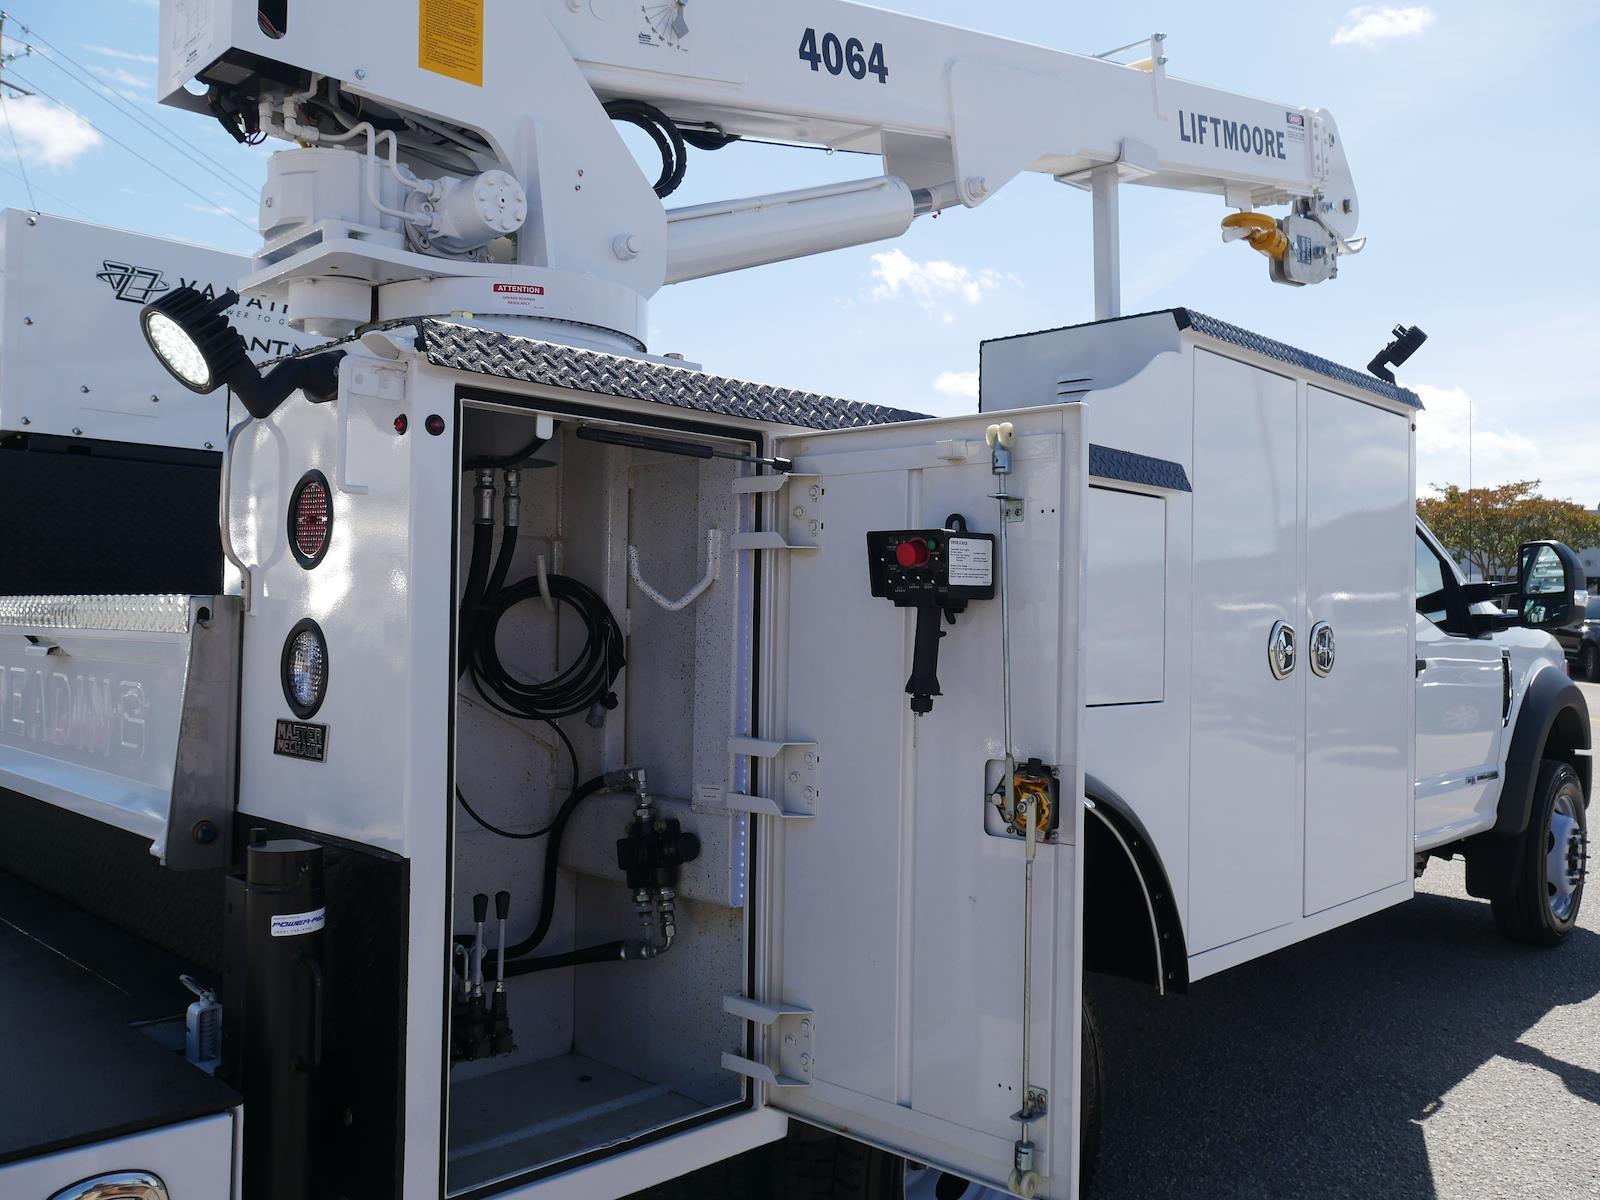 2020 F-550 Regular Cab DRW 4x2, Reading Master Mechanic crane body #LDA14713 - photo 6